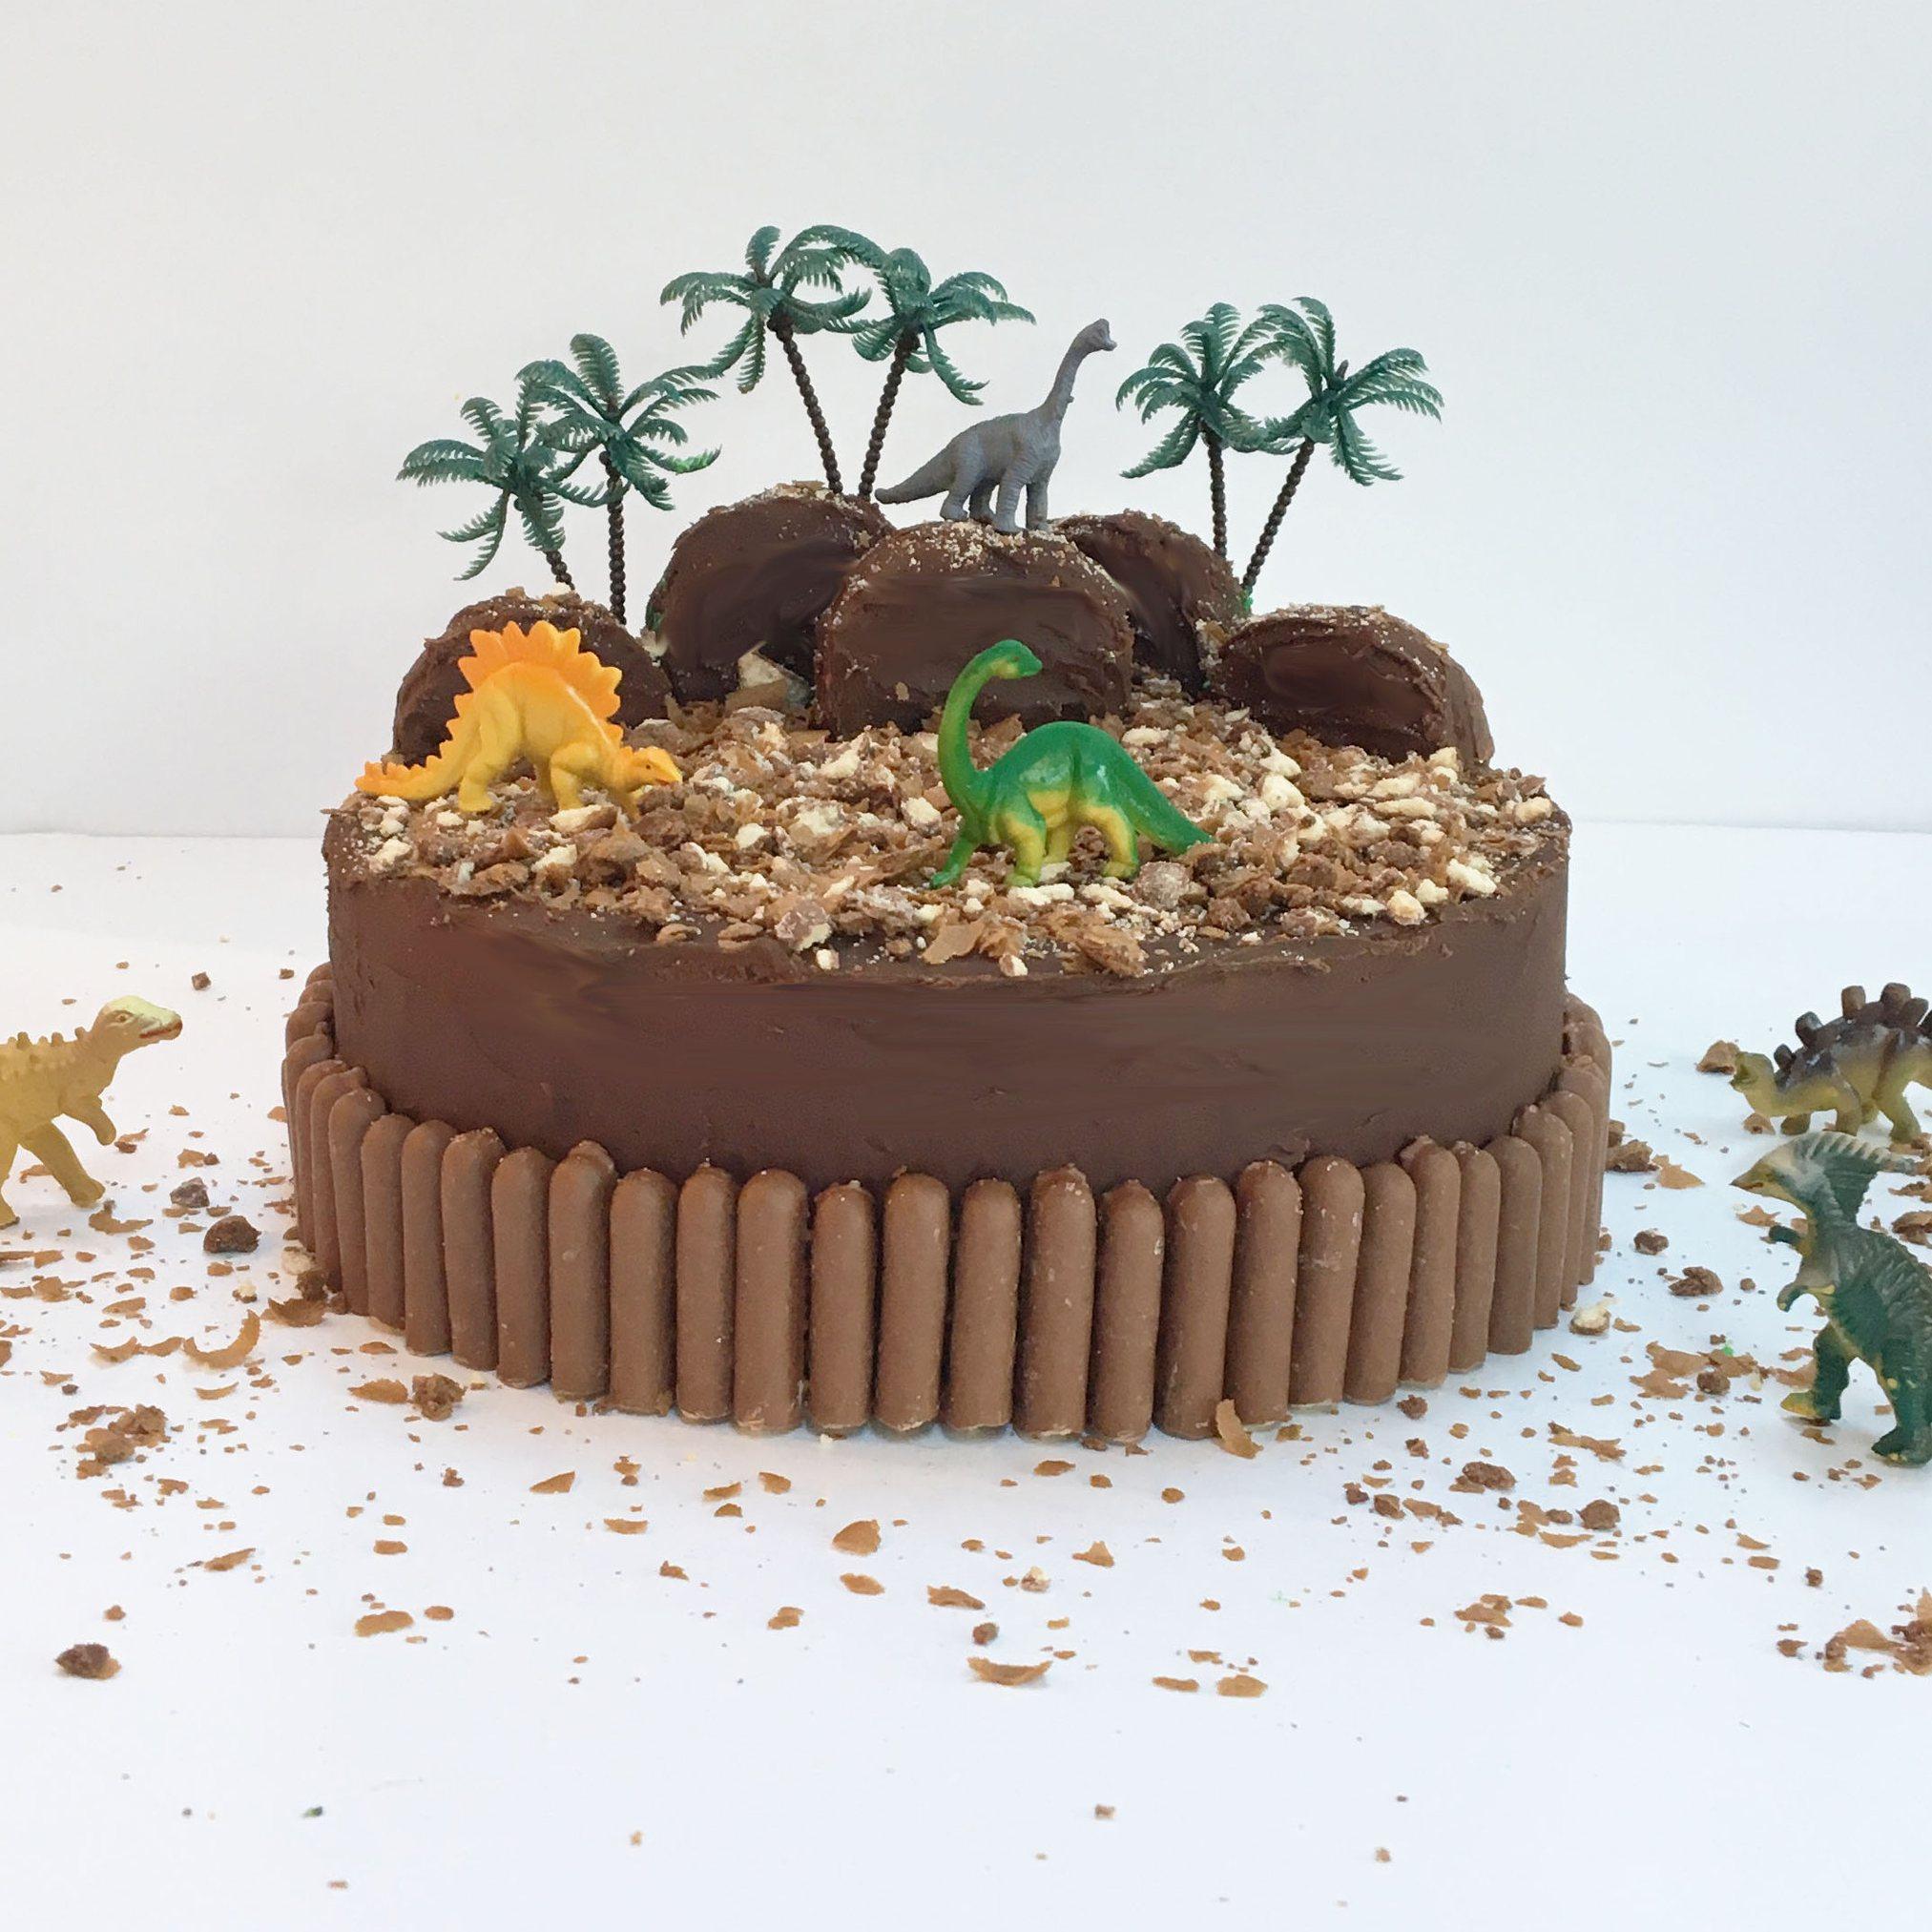 Dinosaur Land Cake Kit - Yumbles.com 13c883ea4